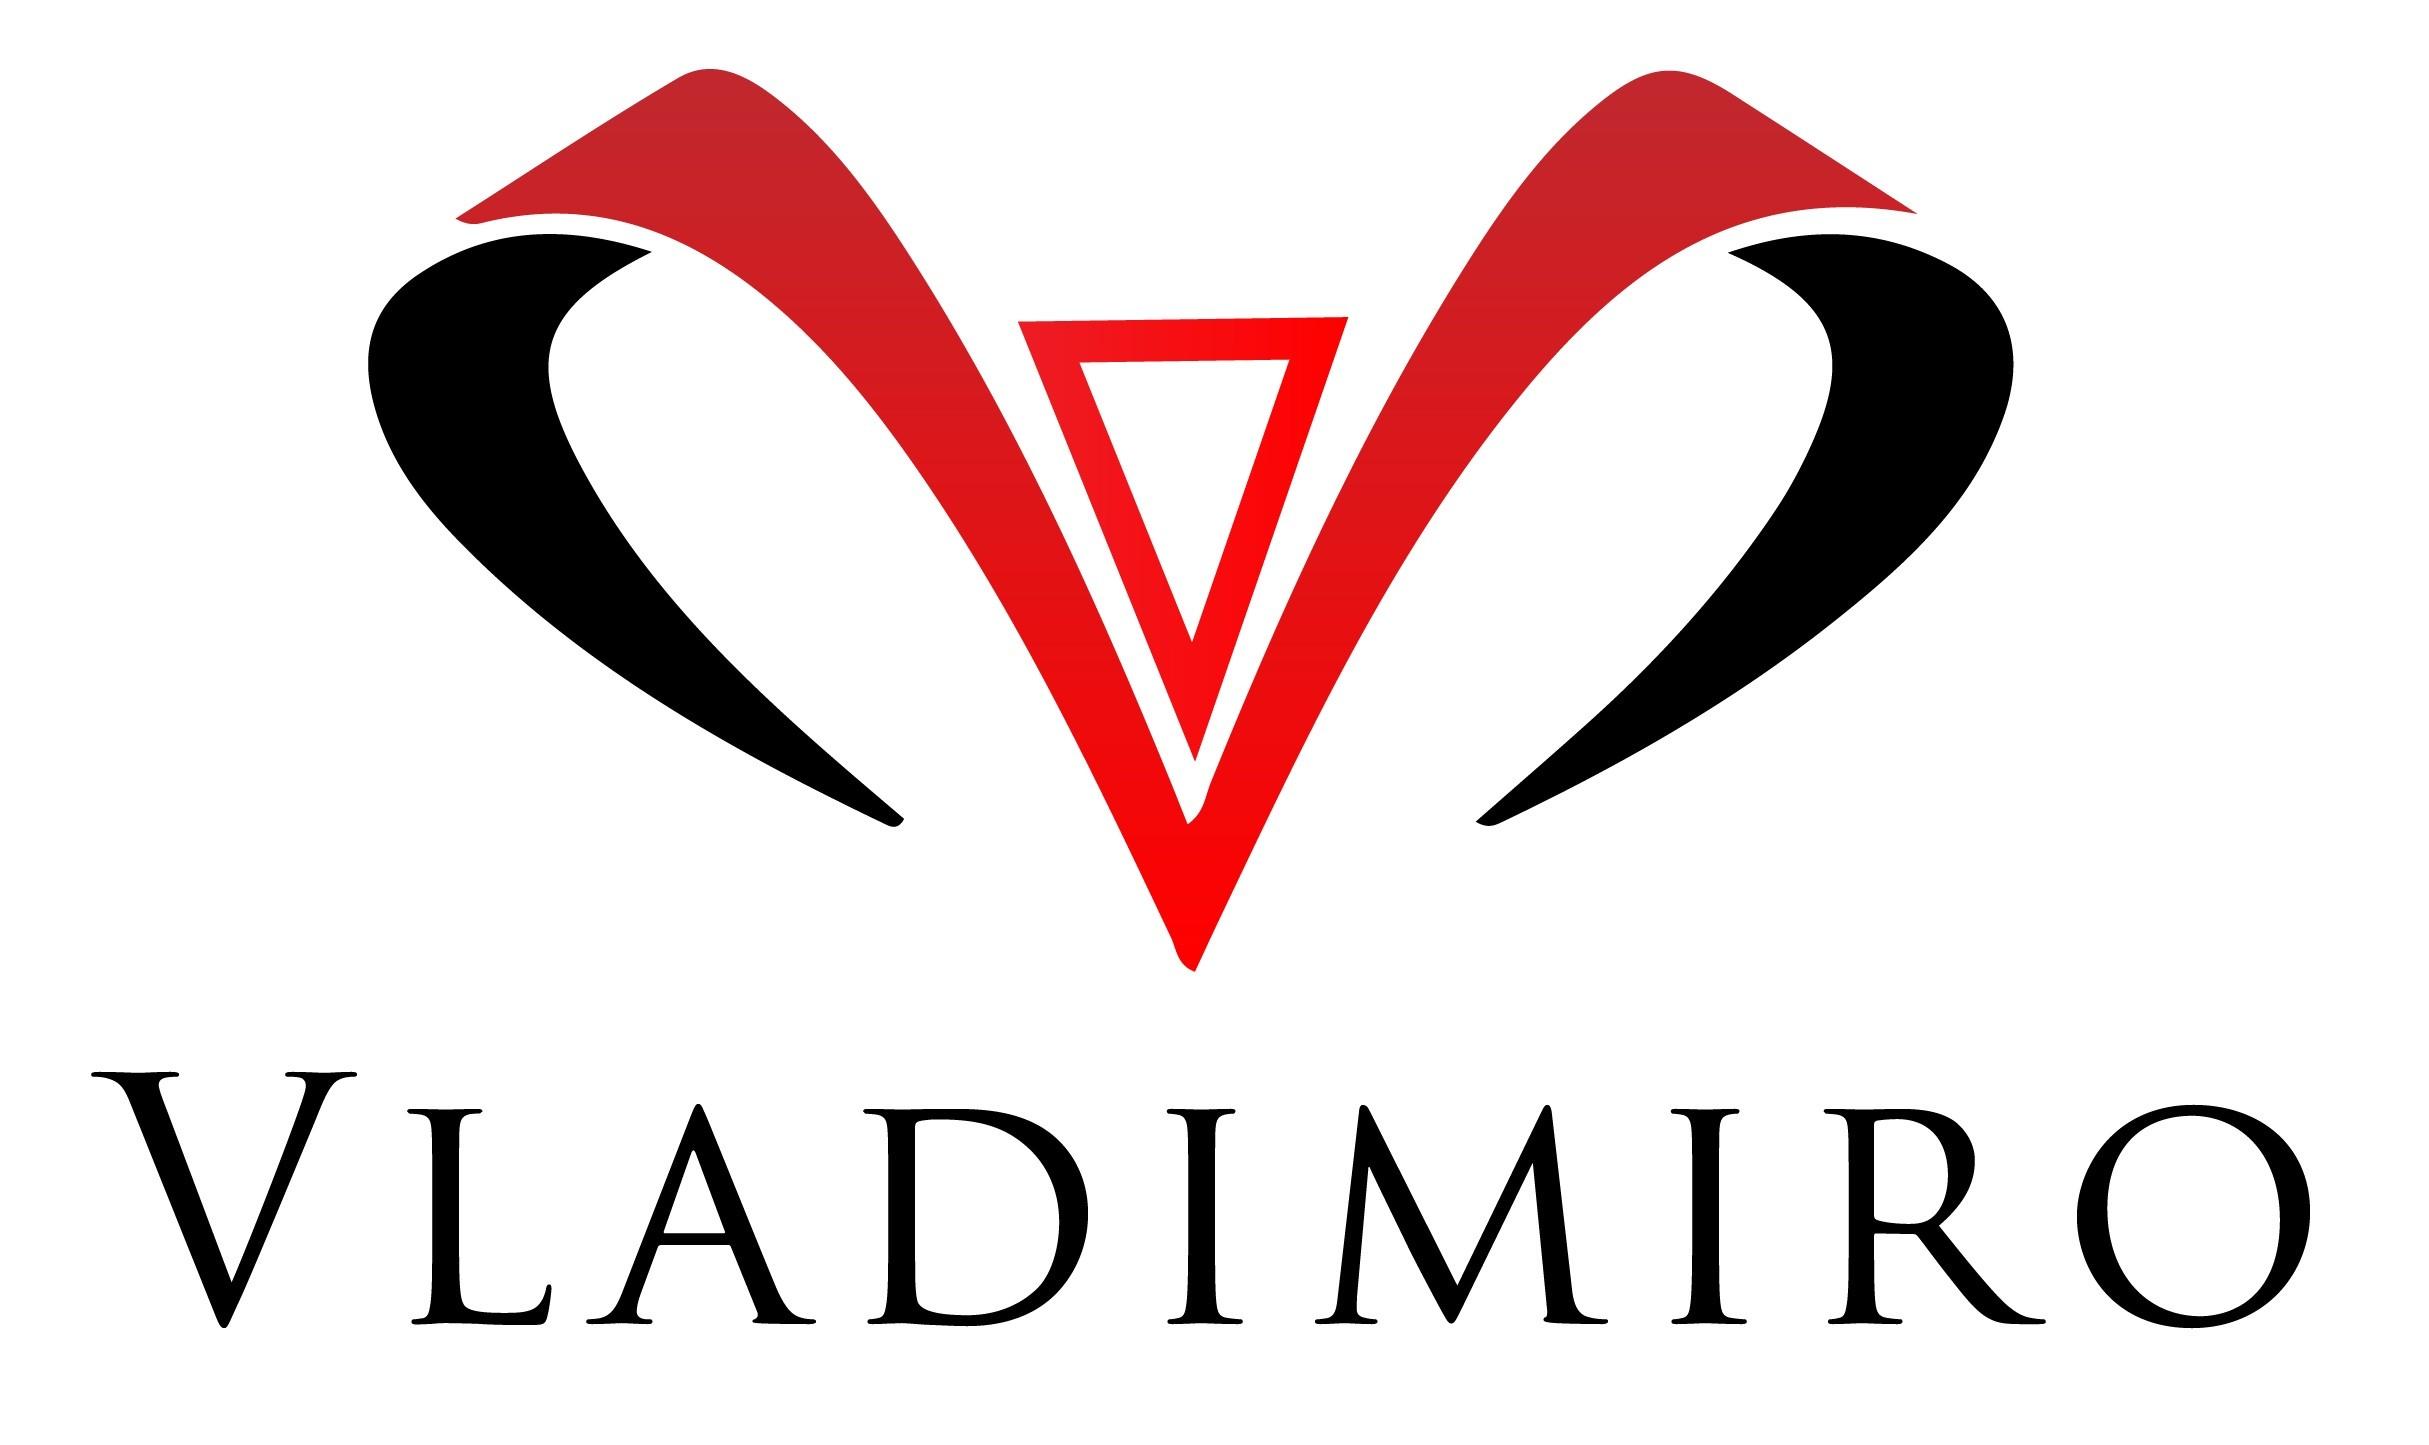 VLADIMIRO